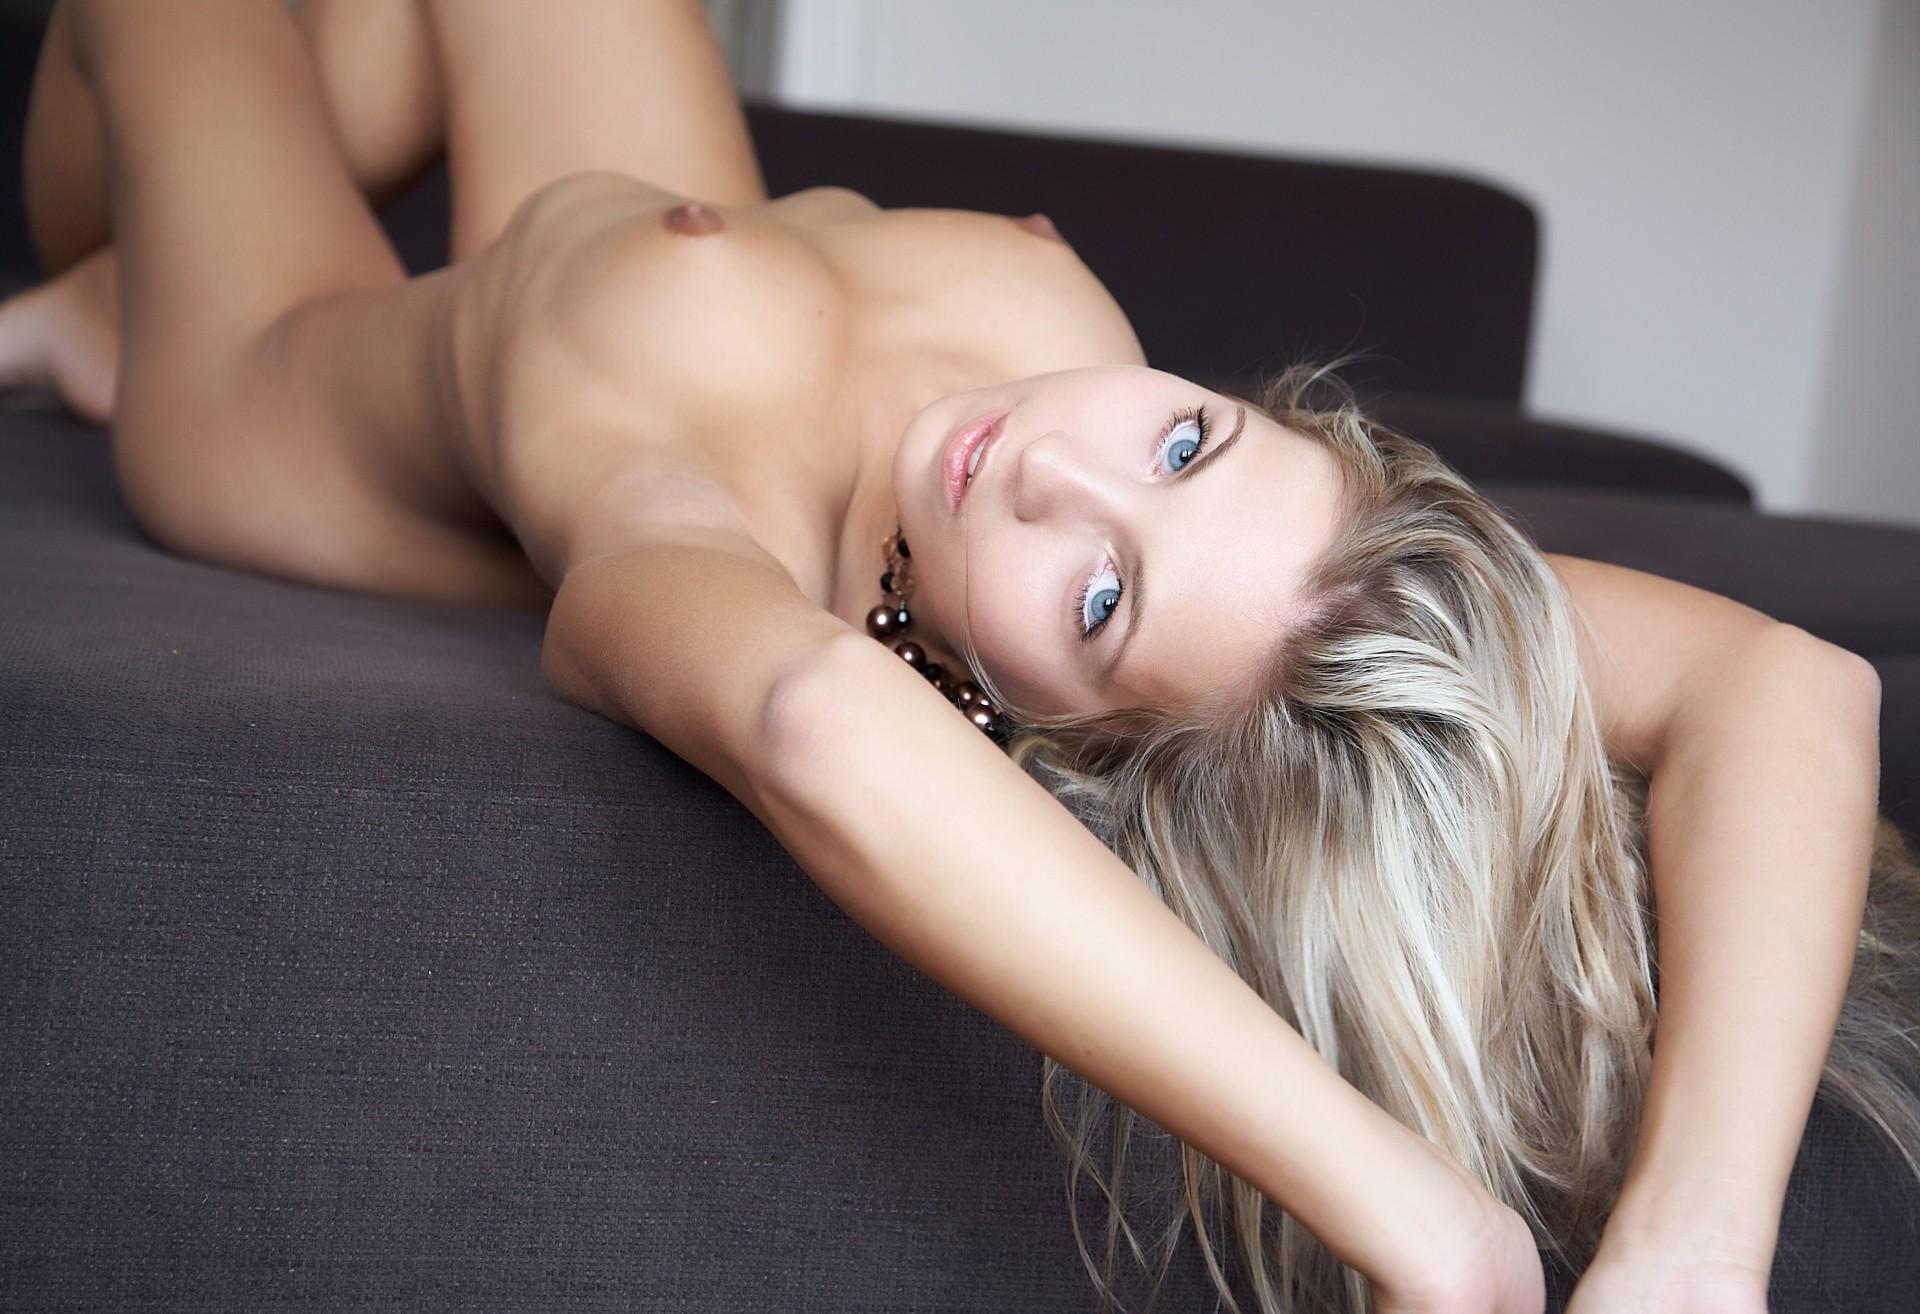 Erotic nude thumbs